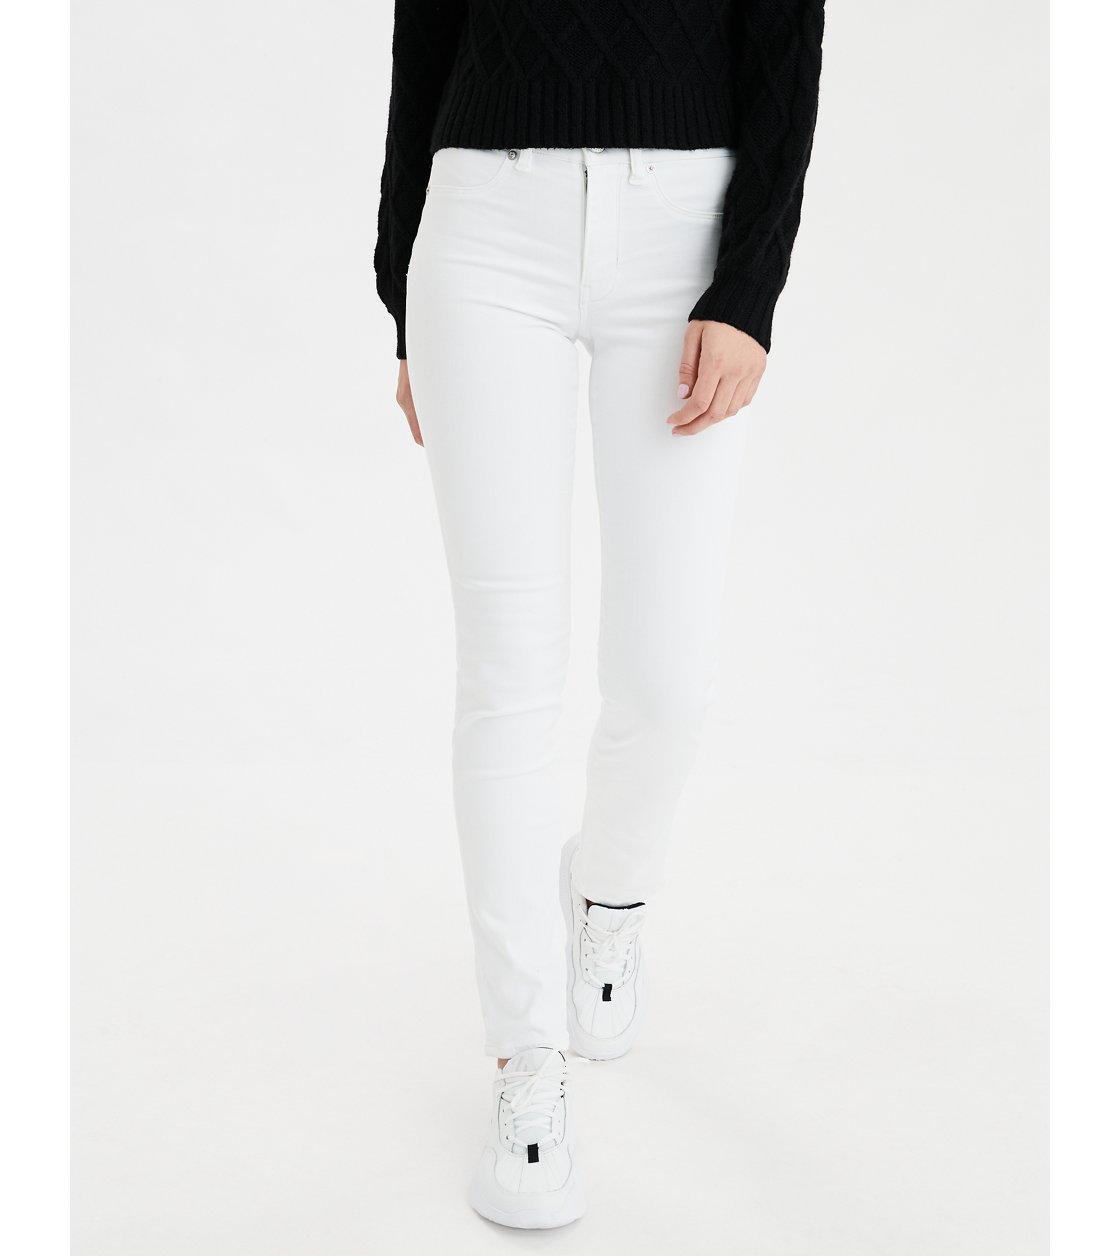 American Eagle AE Ne(x)t Level High-Waisted Skinny Jean